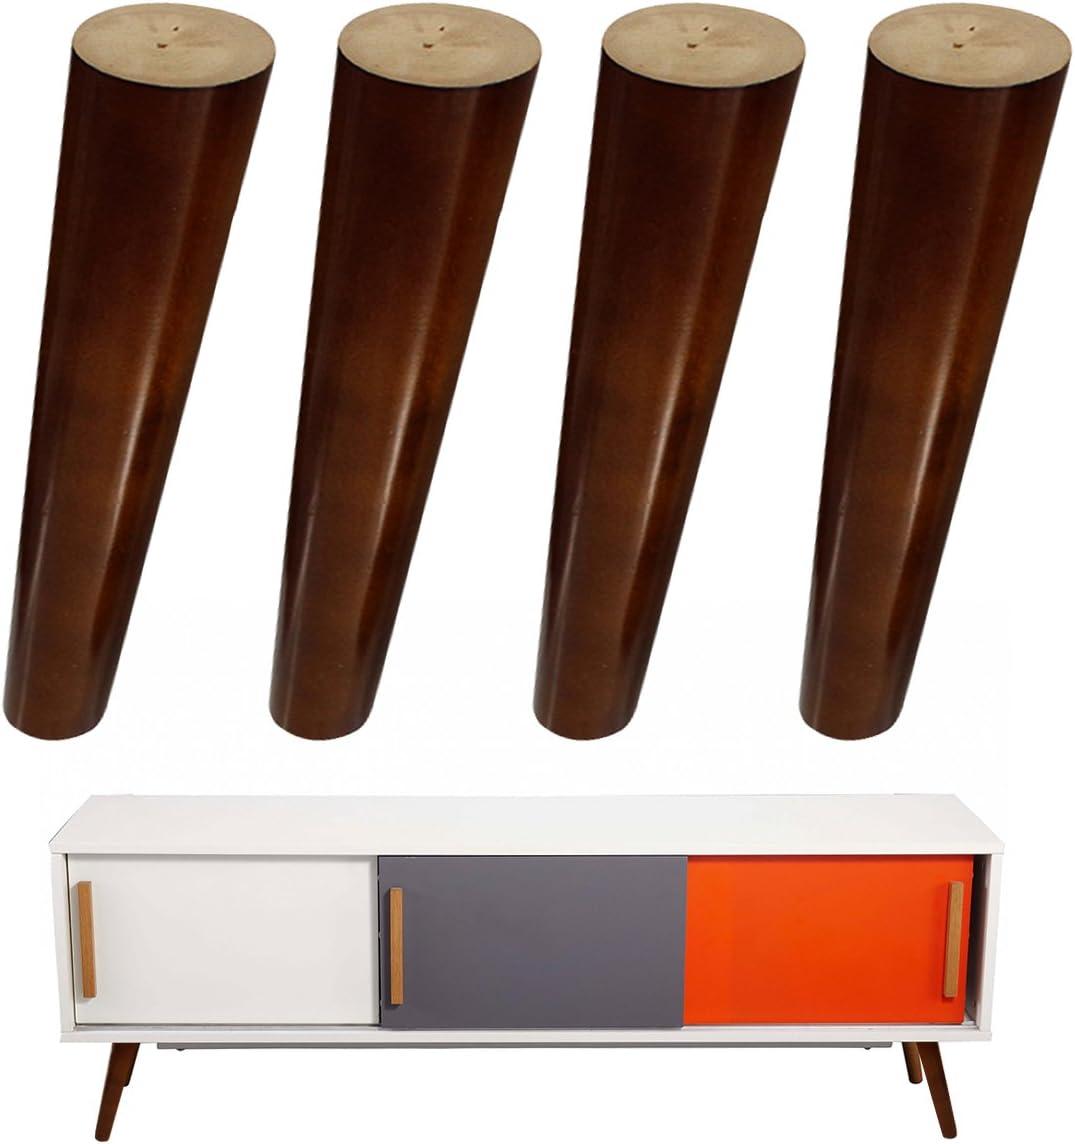 4 patas de madera de repuesto para muebles, sofá de madera de ...